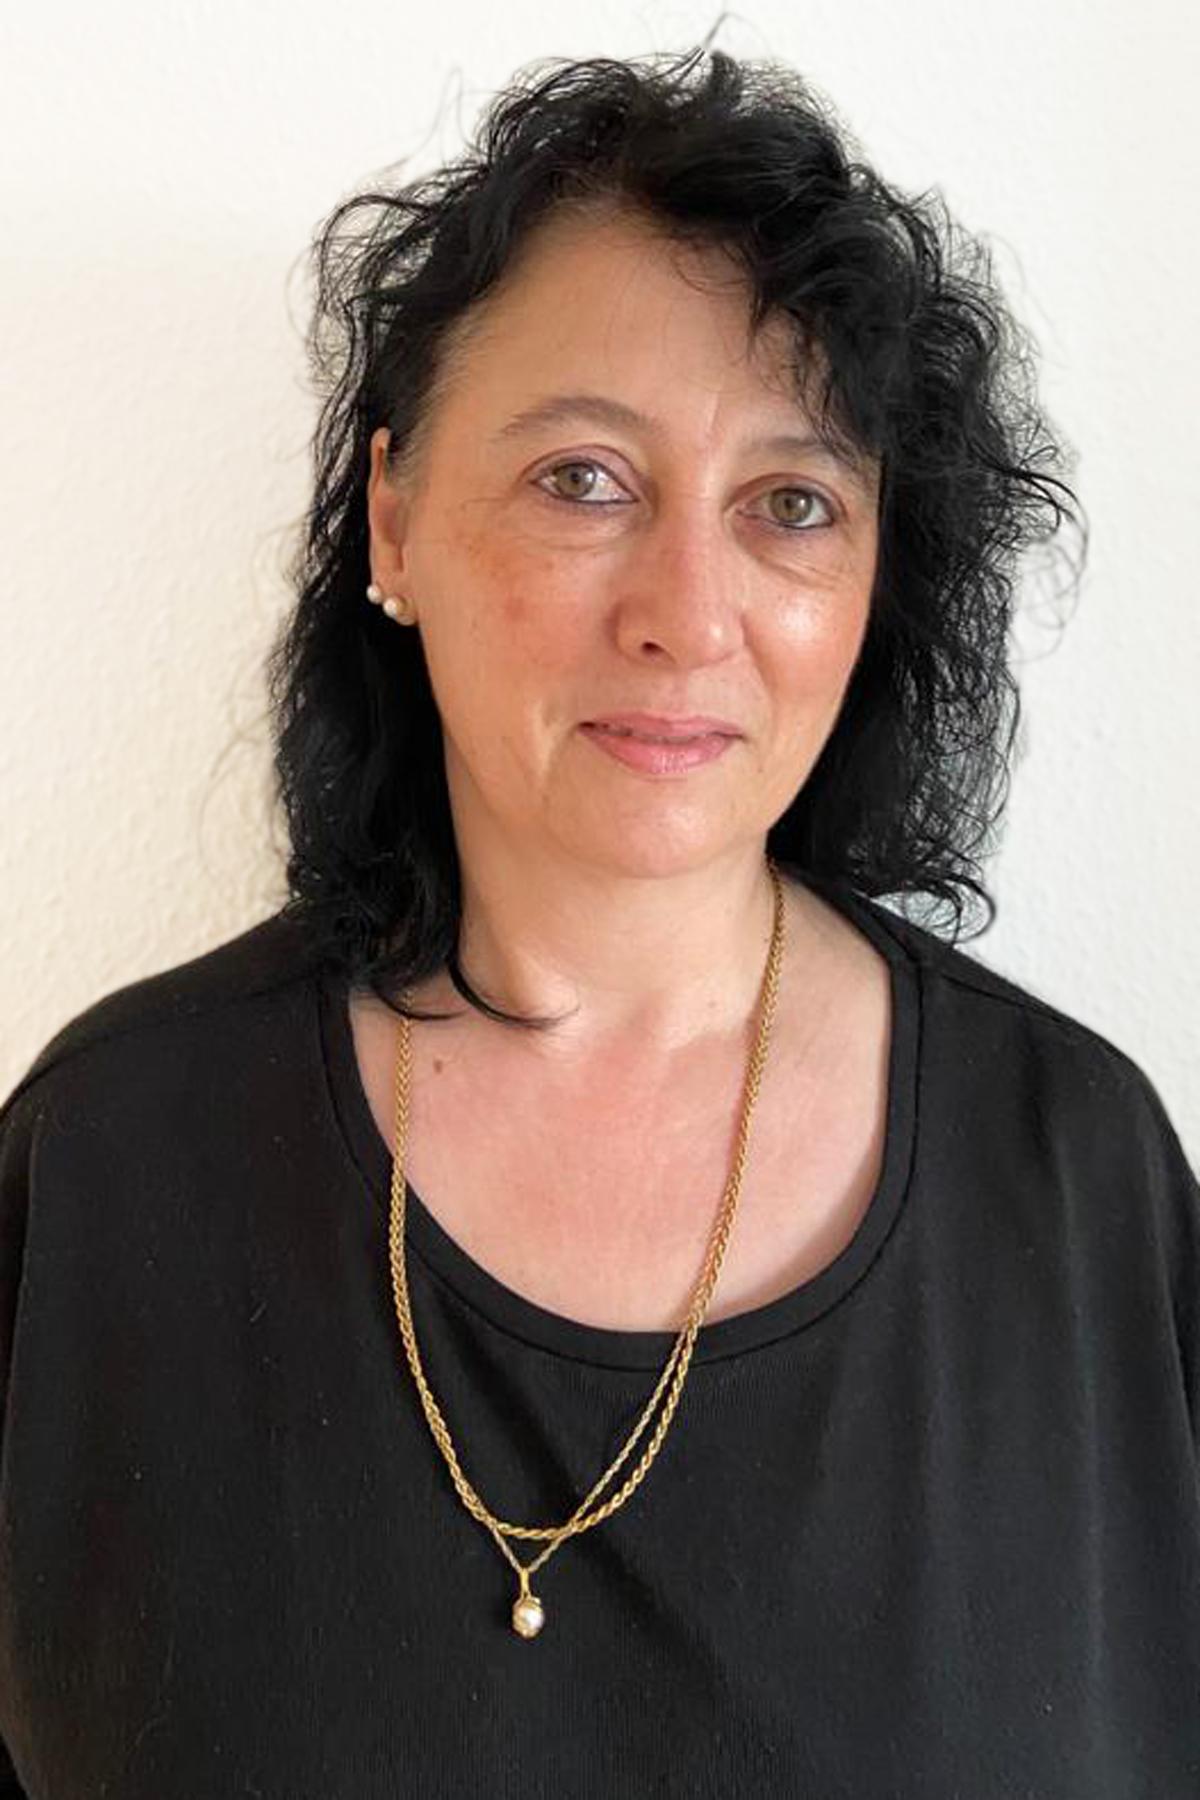 Gisela Hanke